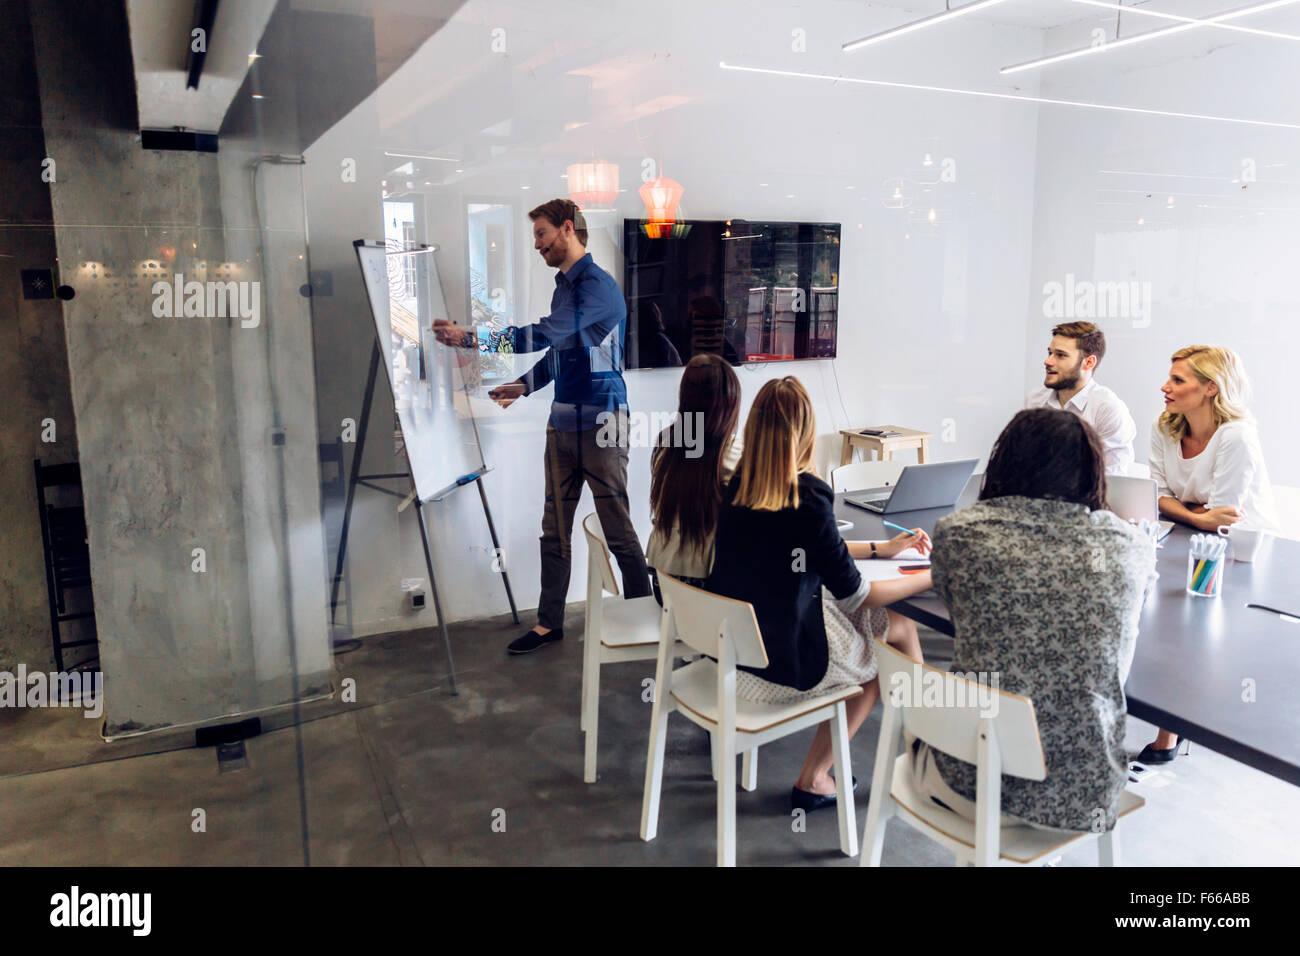 Eine Gruppe von Mitarbeitern in einem Büro Brainstorming und Präsentation Stockbild